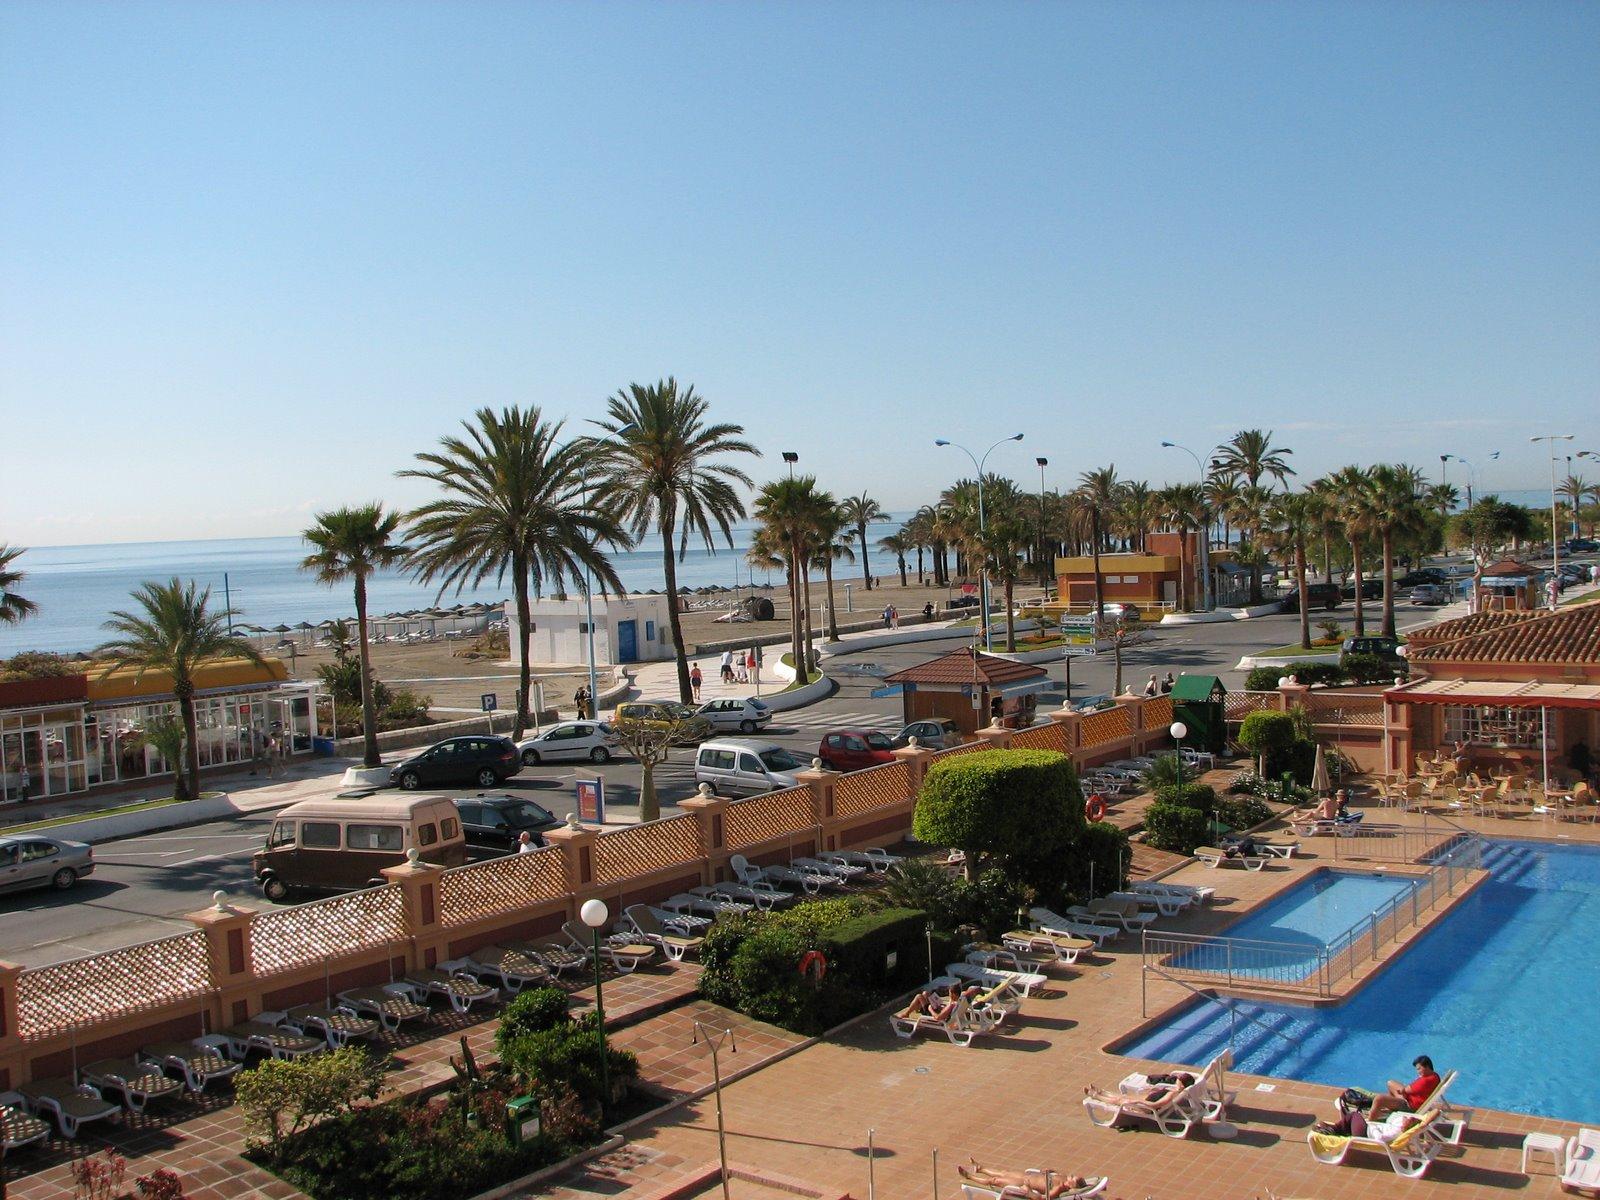 Hotel Riu Belplaya, Torremolinos, Spain